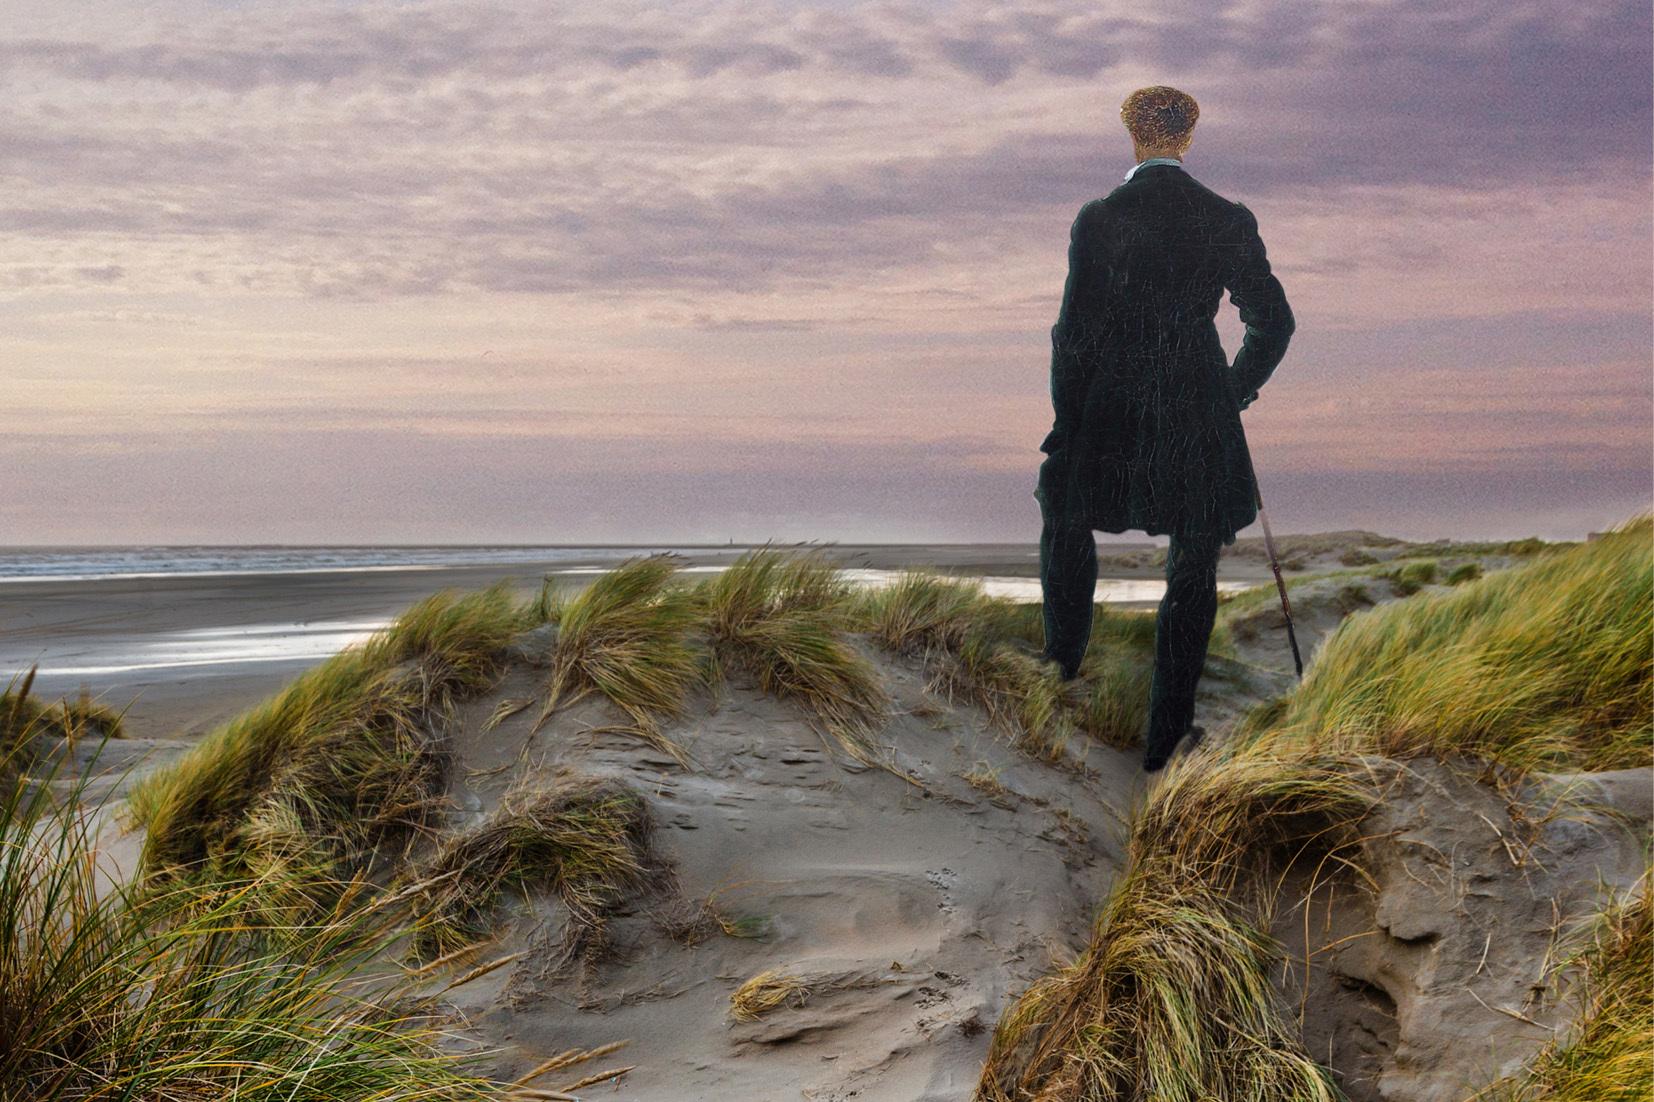 De eerste wandelaar Pieter Kikkert op de duinen VVV Texel